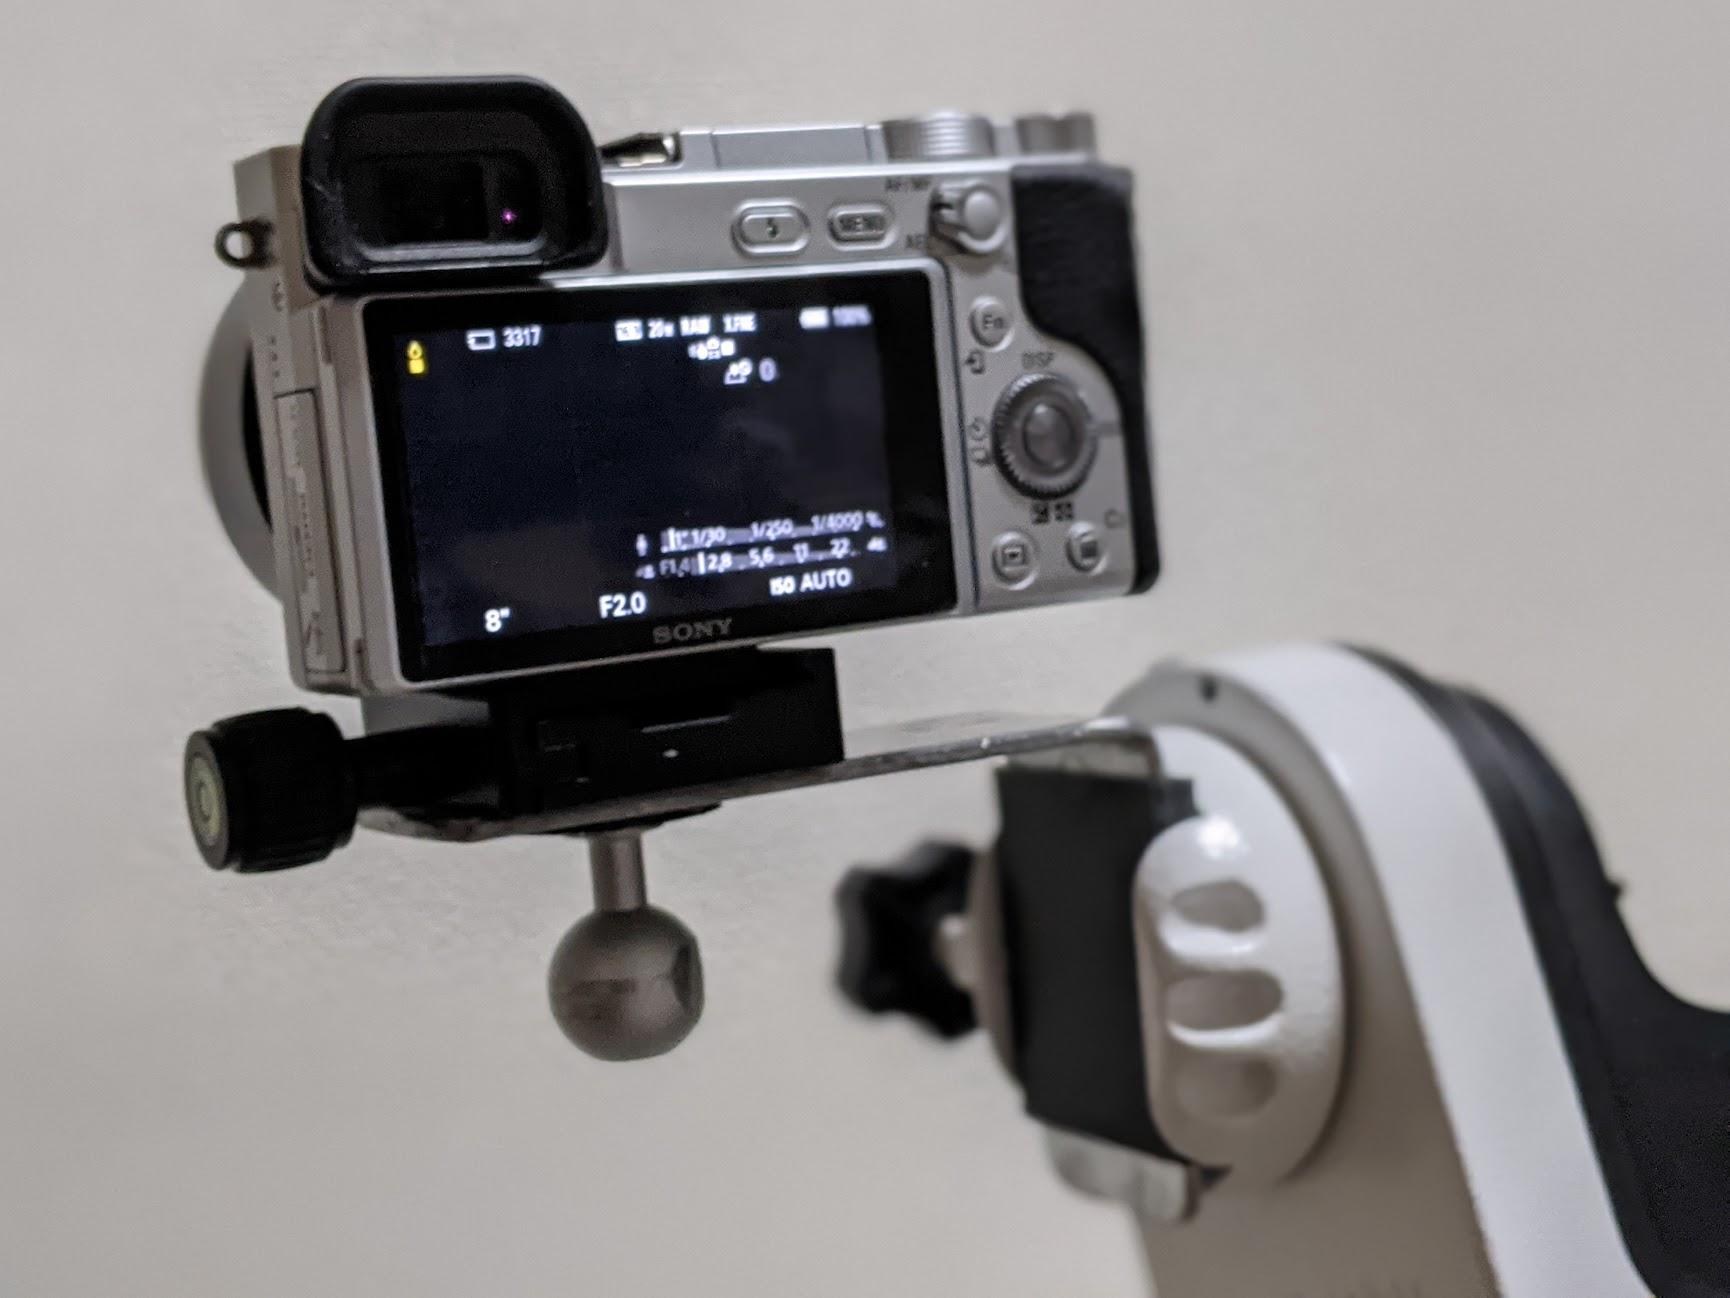 経緯台AZ-GTeにカメラを取り付けるためのクランプを作ってみた